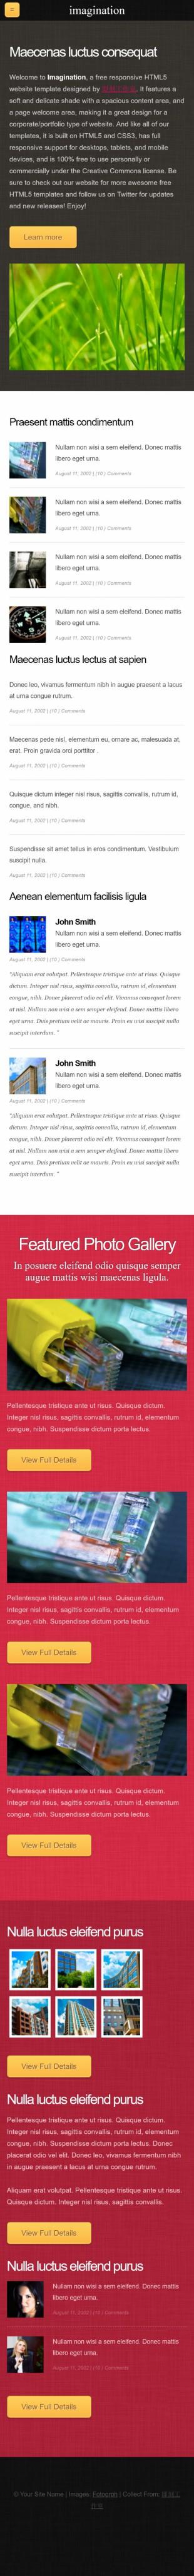 产品展示类英文网站模板制作手机图片